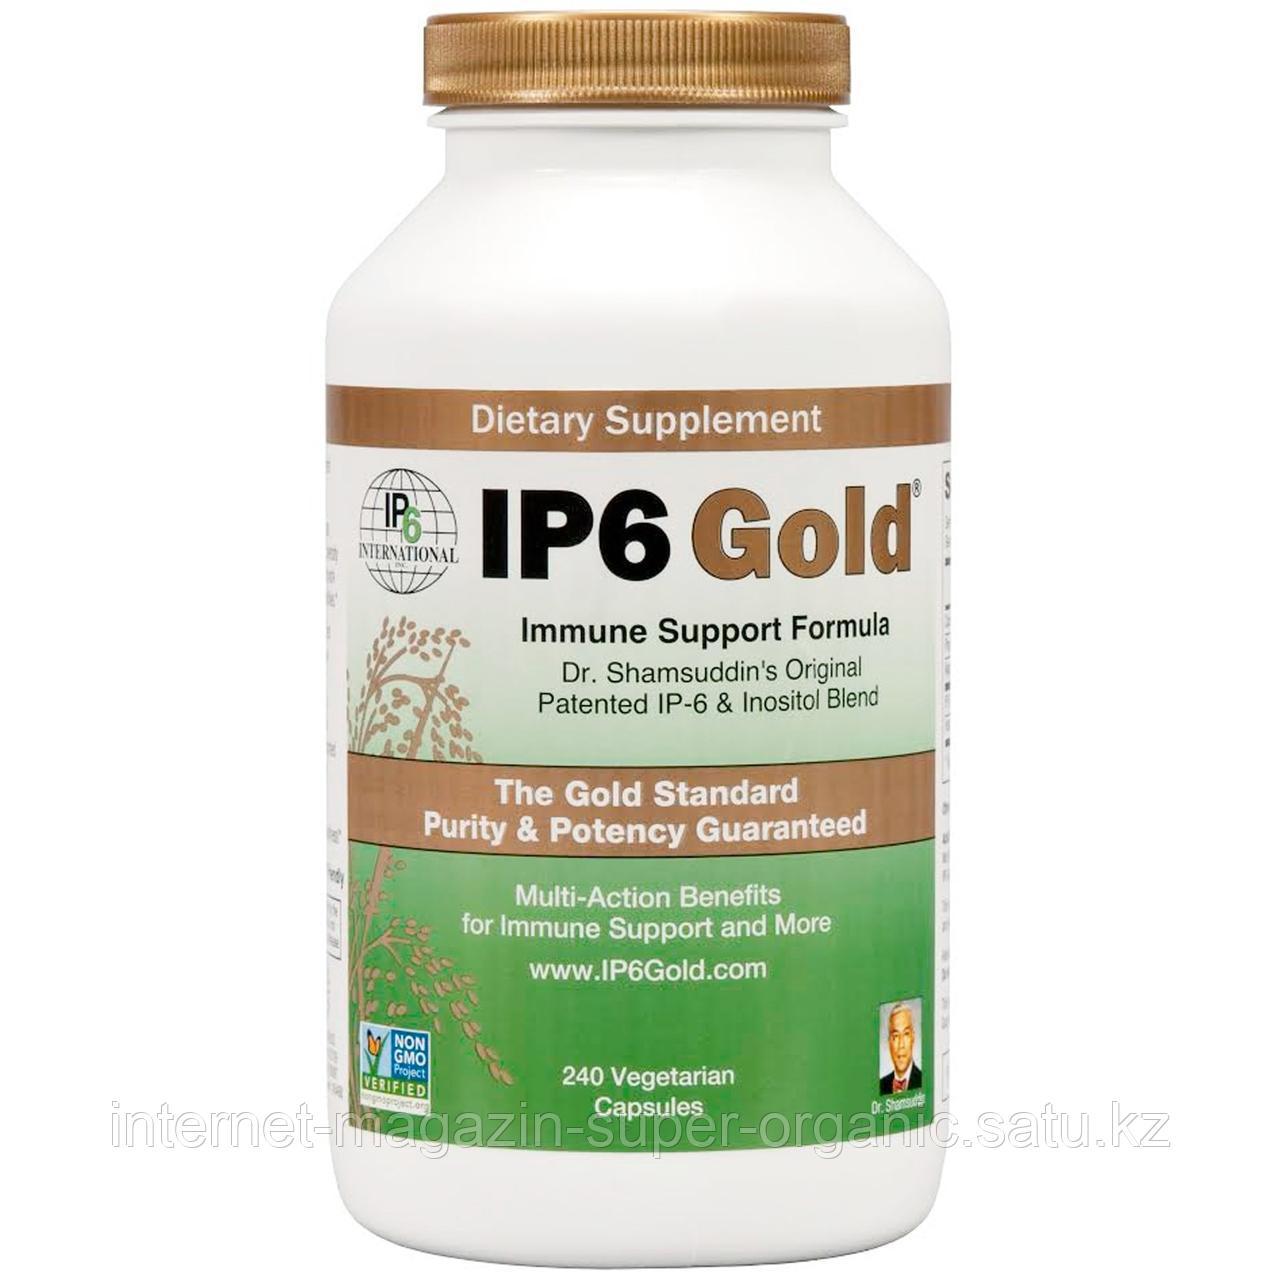 IP6 Gold, формула для поддержки иммунной системы, 240 растительных капсул, IP-6 International